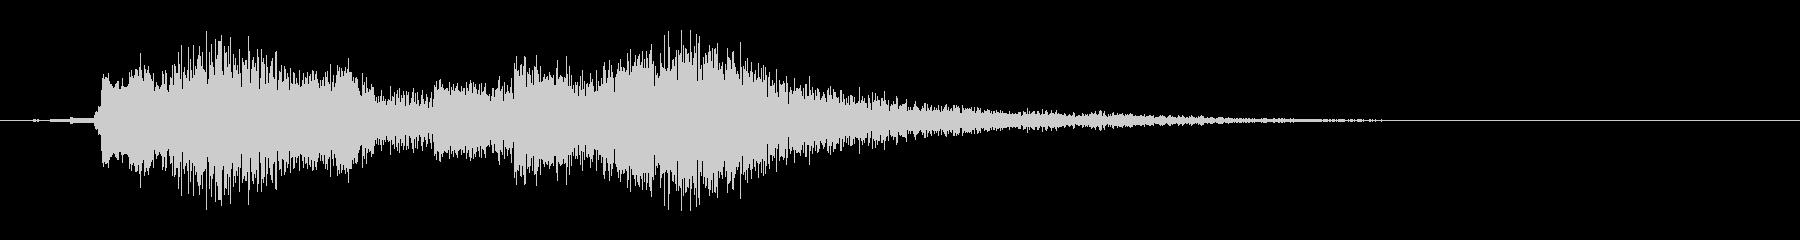 企業サウンドロゴ オーケストラ 口笛の未再生の波形